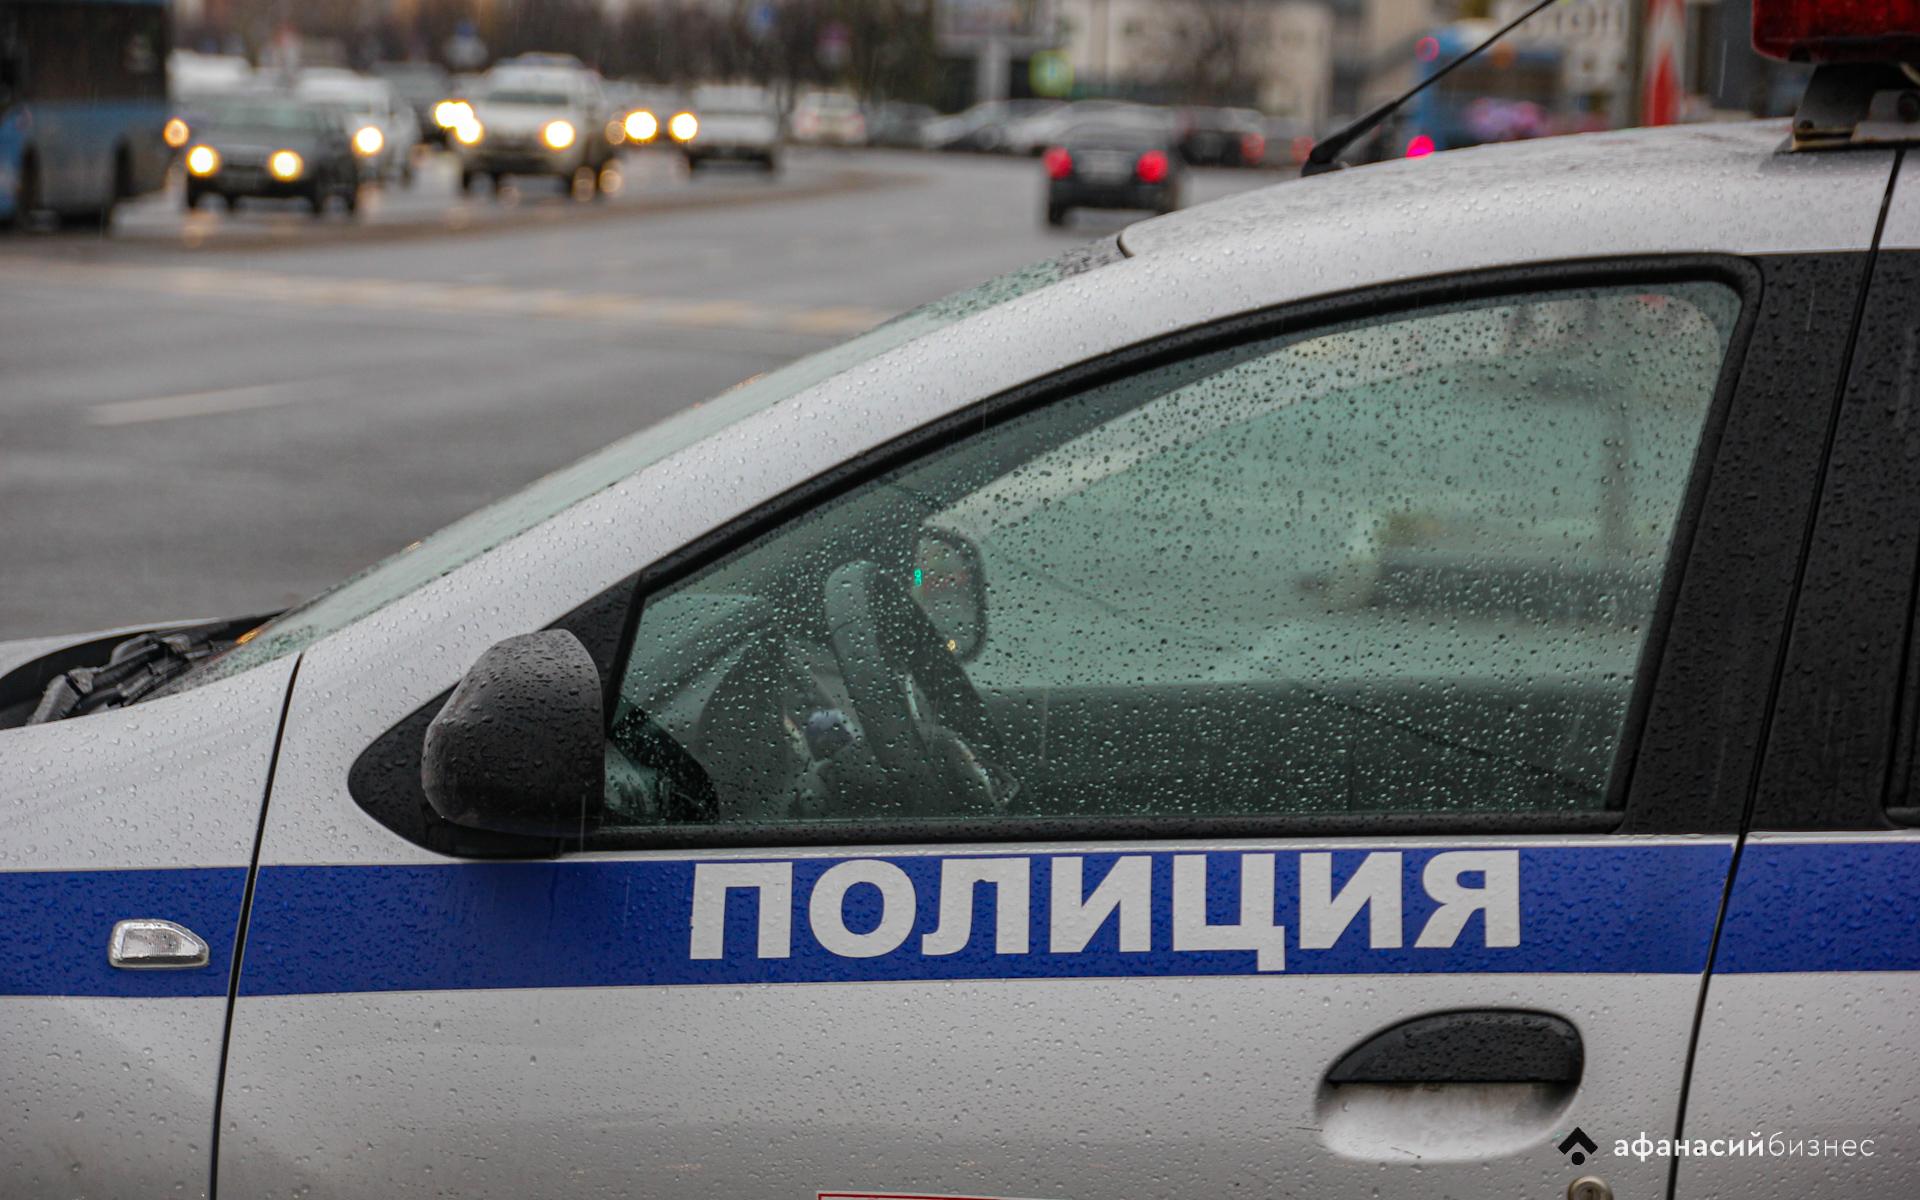 В Твери клиент автосервиса стал случайным участником кражи - новости Афанасий